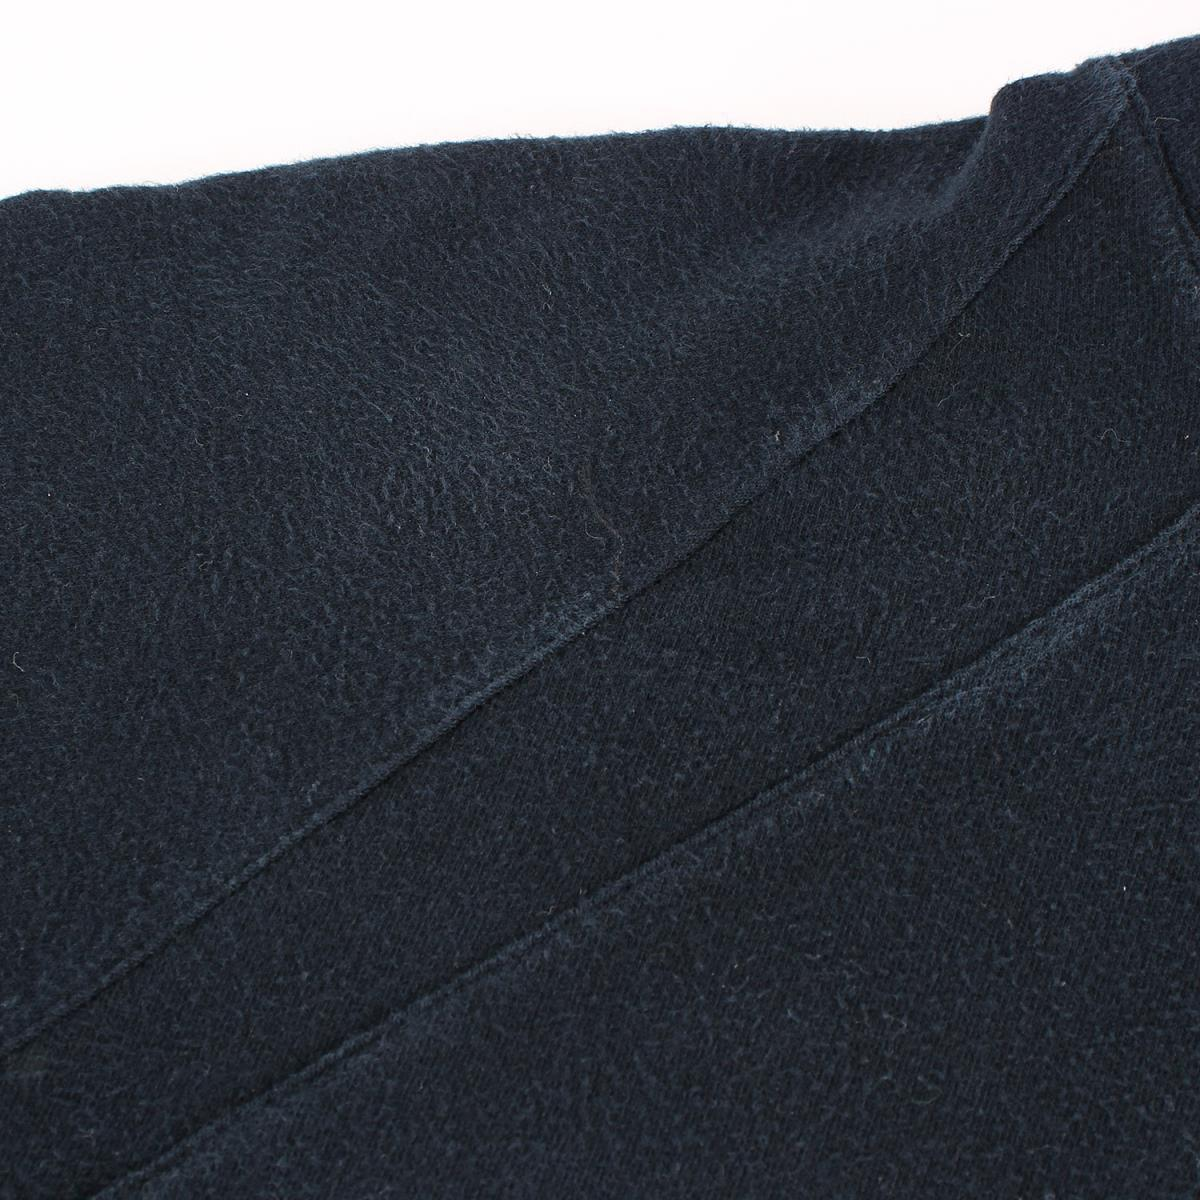 Dior HOMME ディオールオム パーカー 06AW These Grey Days期 グラフィックロゴ スウェット パーカー ブラック XS_画像7